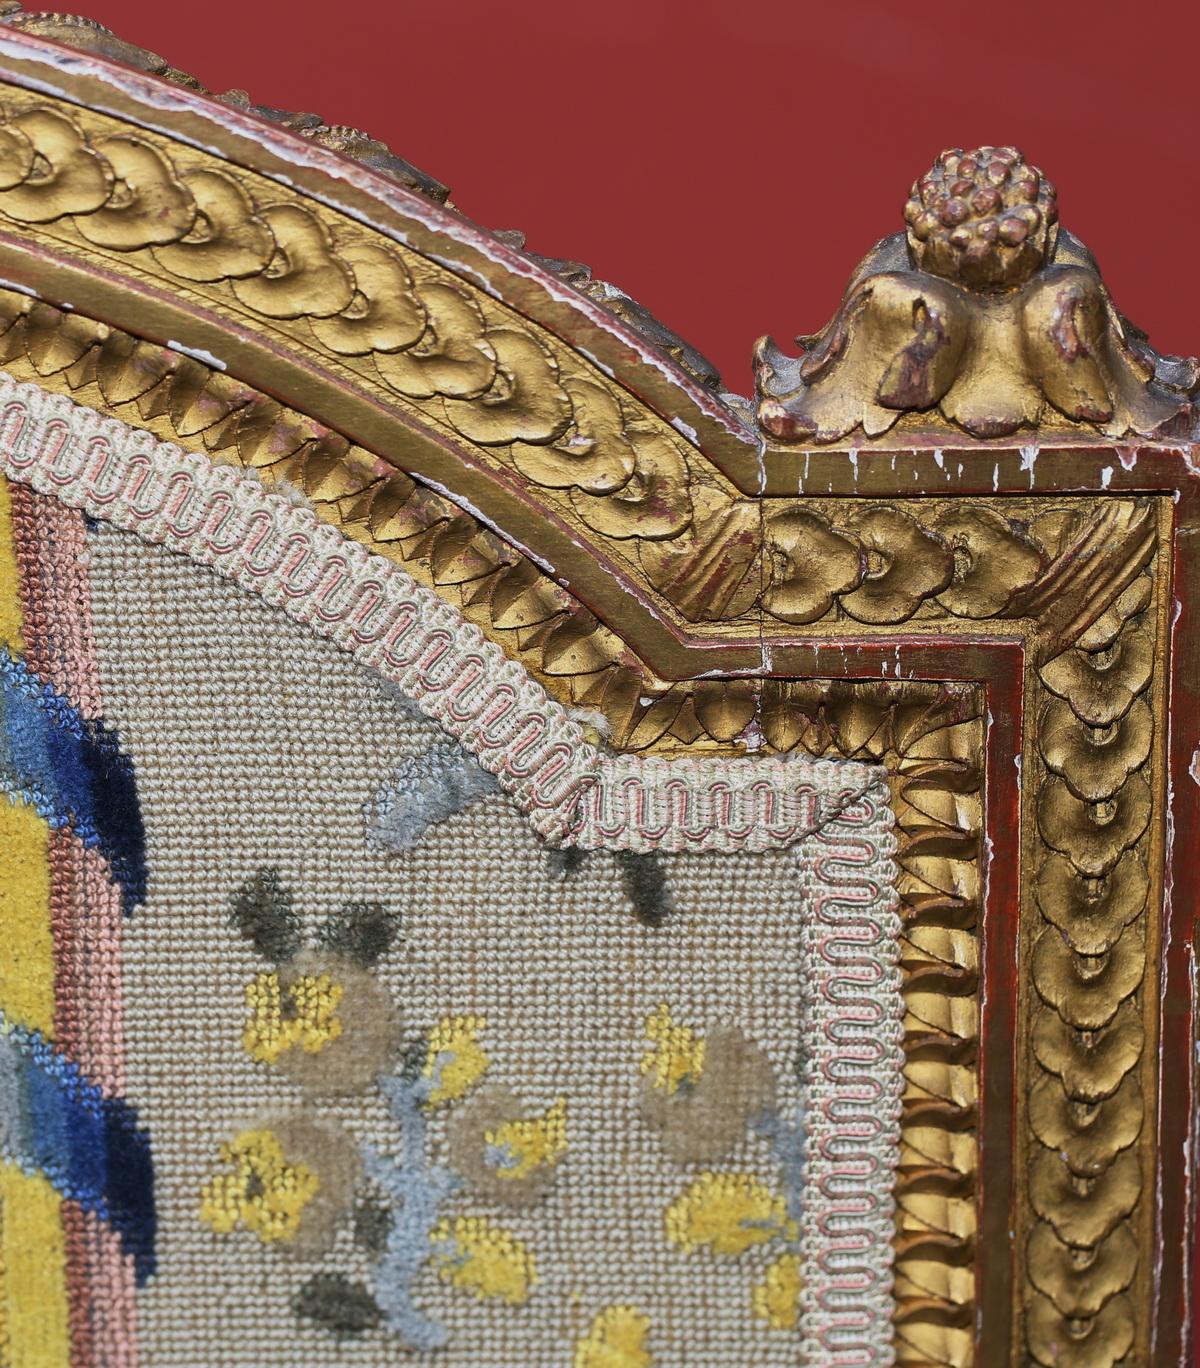 Canapé style Louis XVI circa 1880